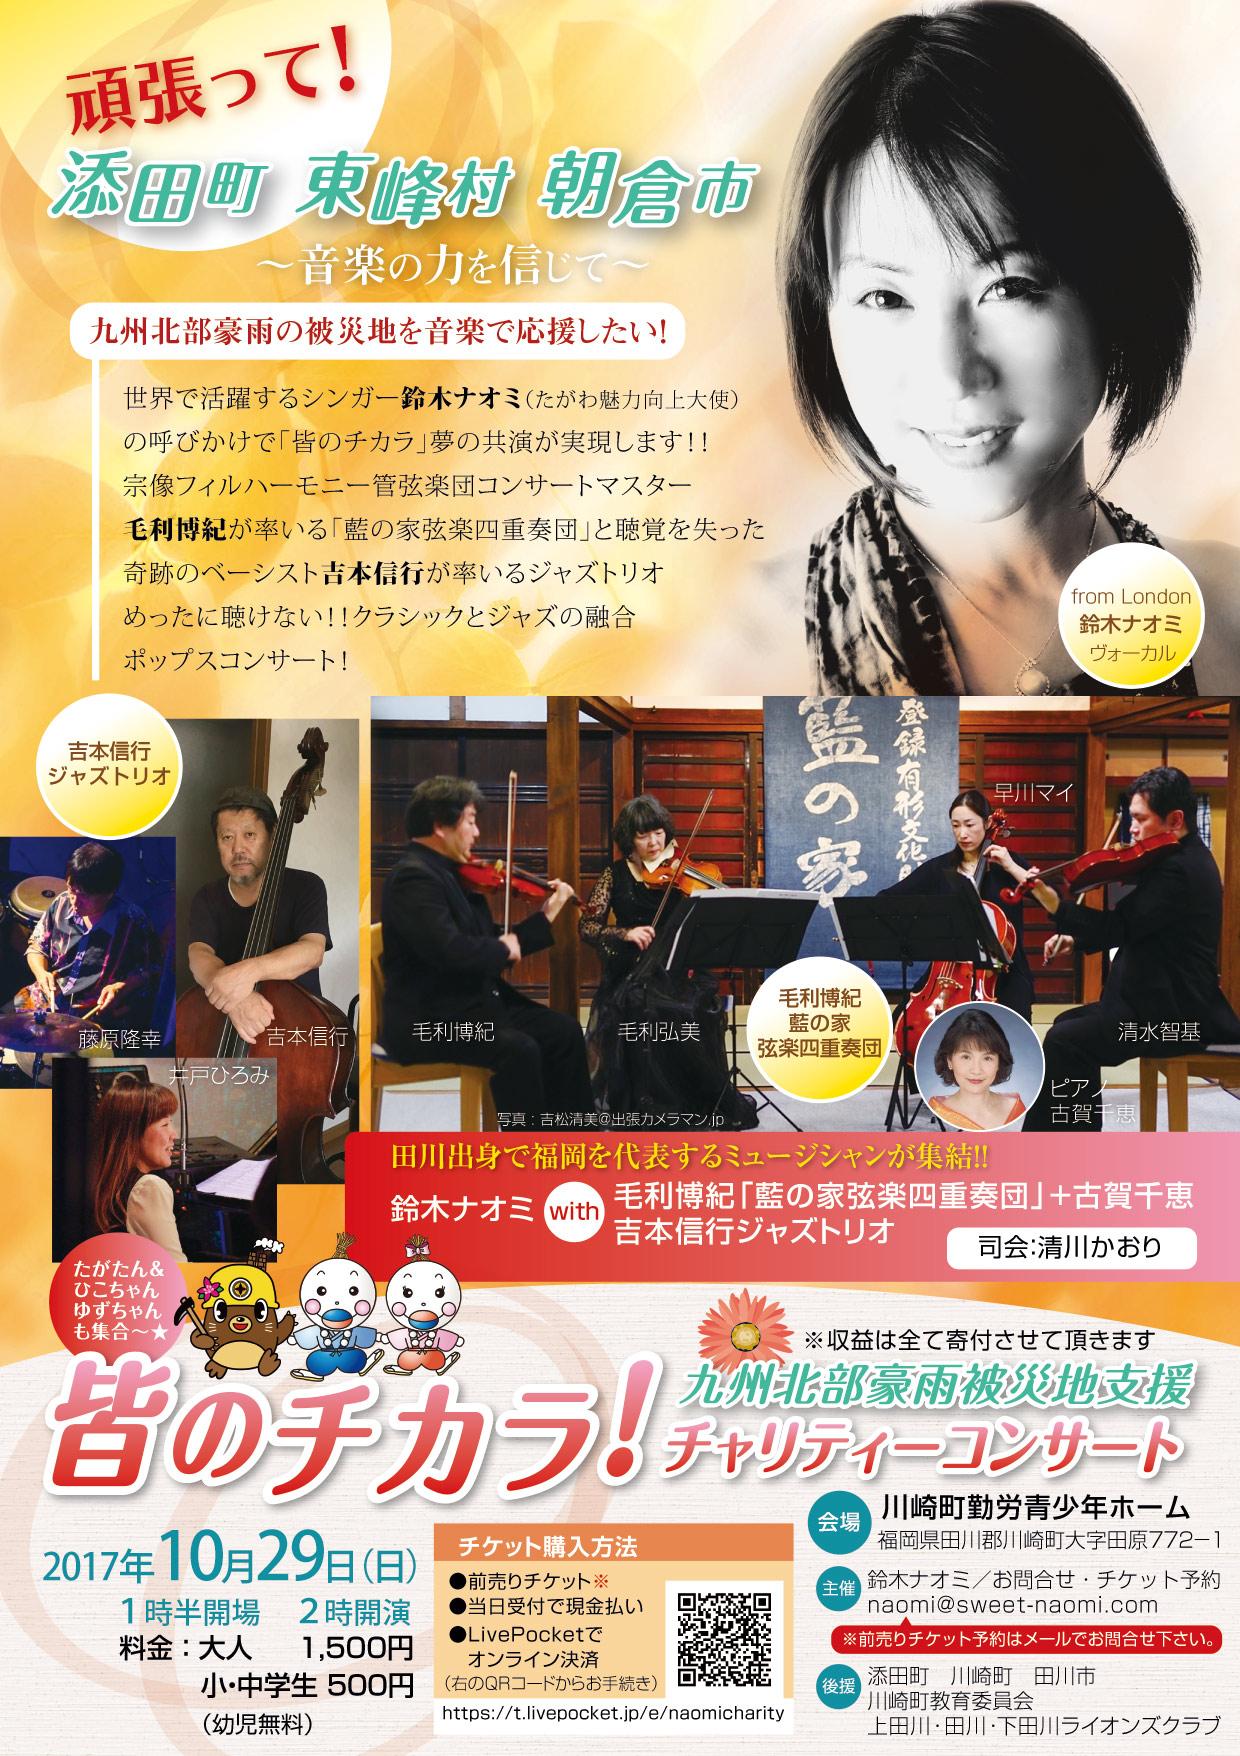 『皆のチカラ!』 九州北部豪雨被災地支援チャリティーコンサート